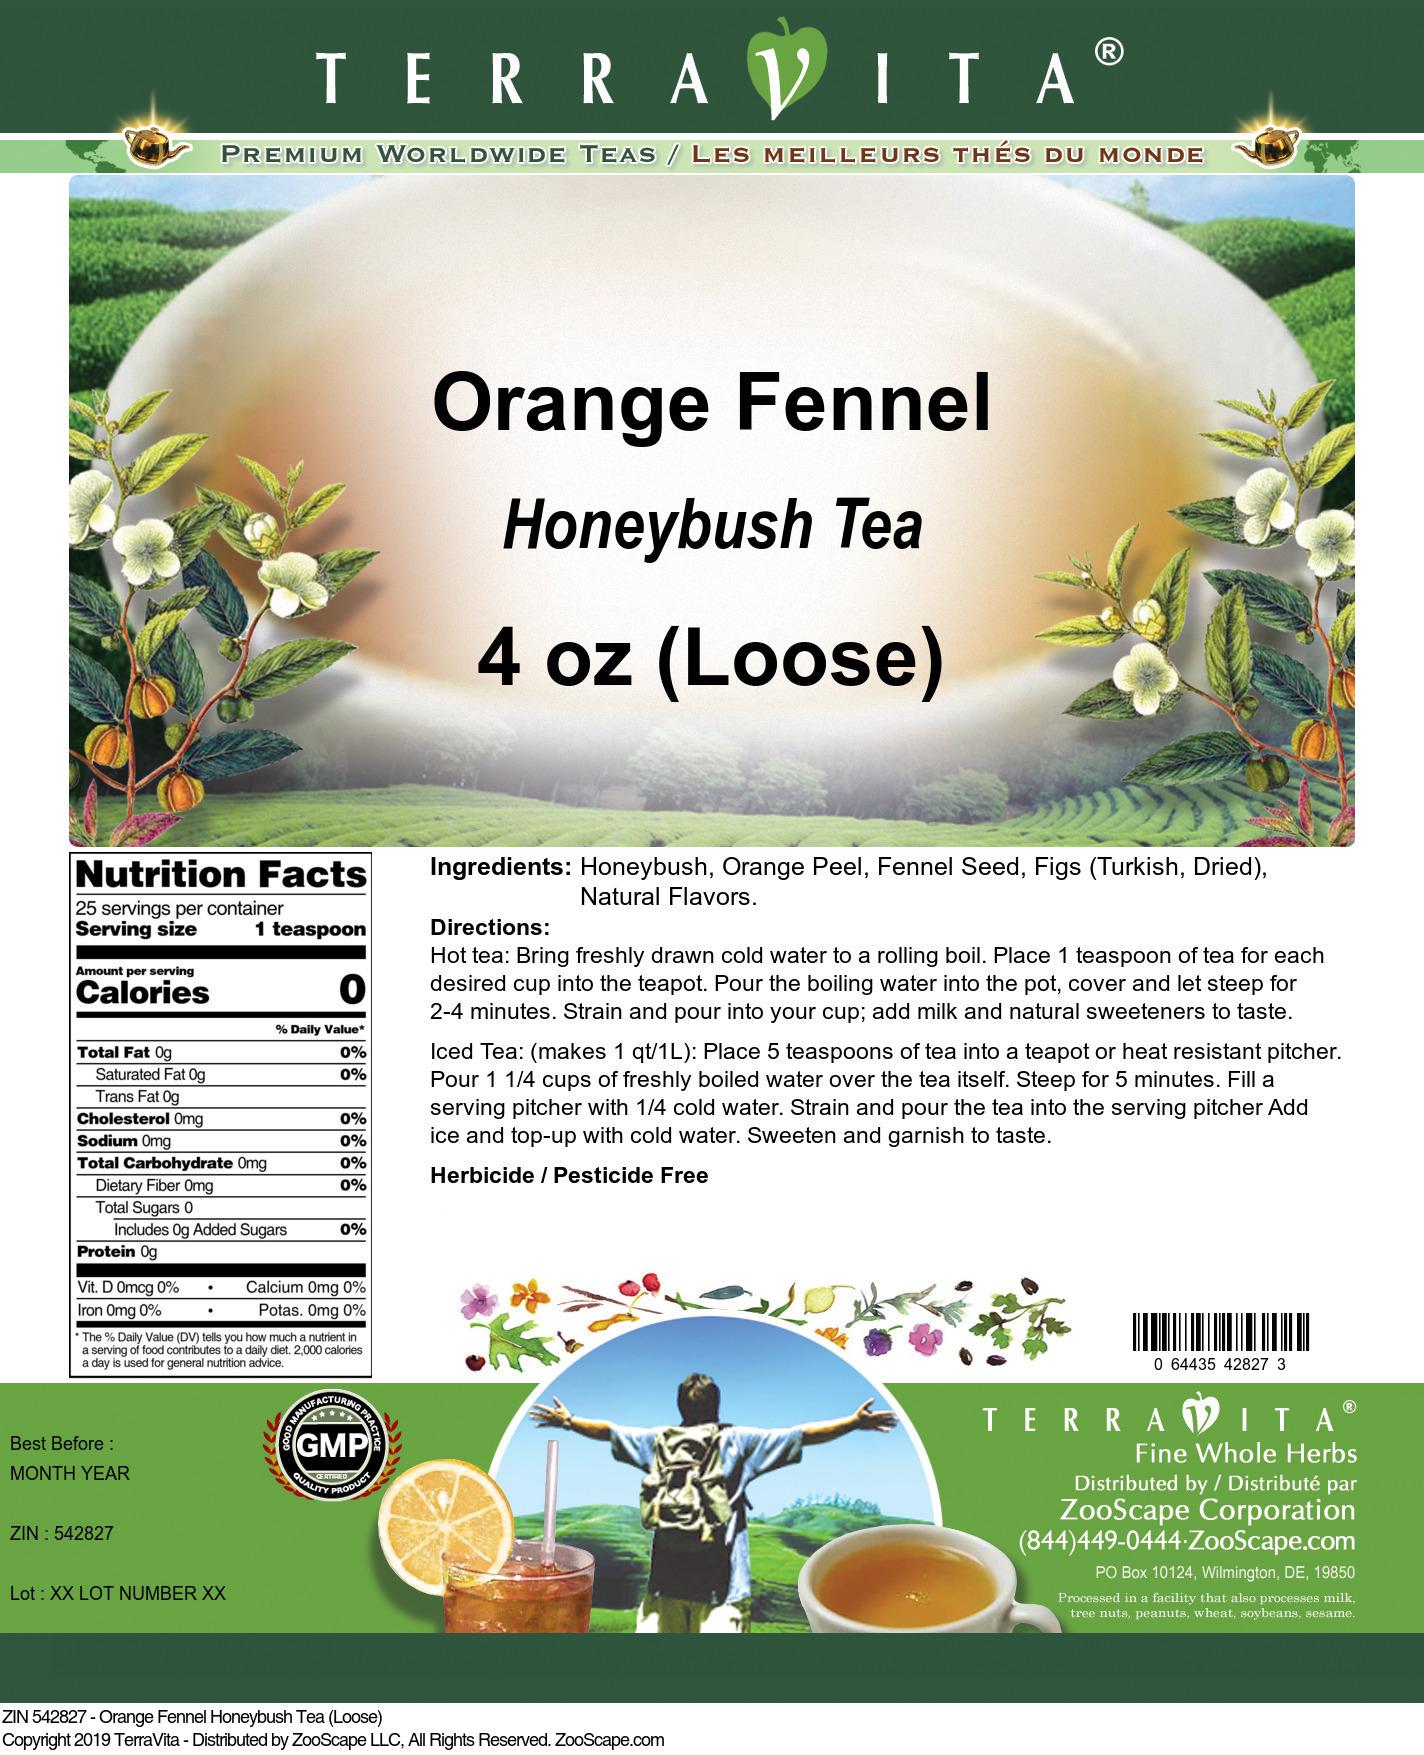 Orange Fennel Honeybush Tea (Loose)